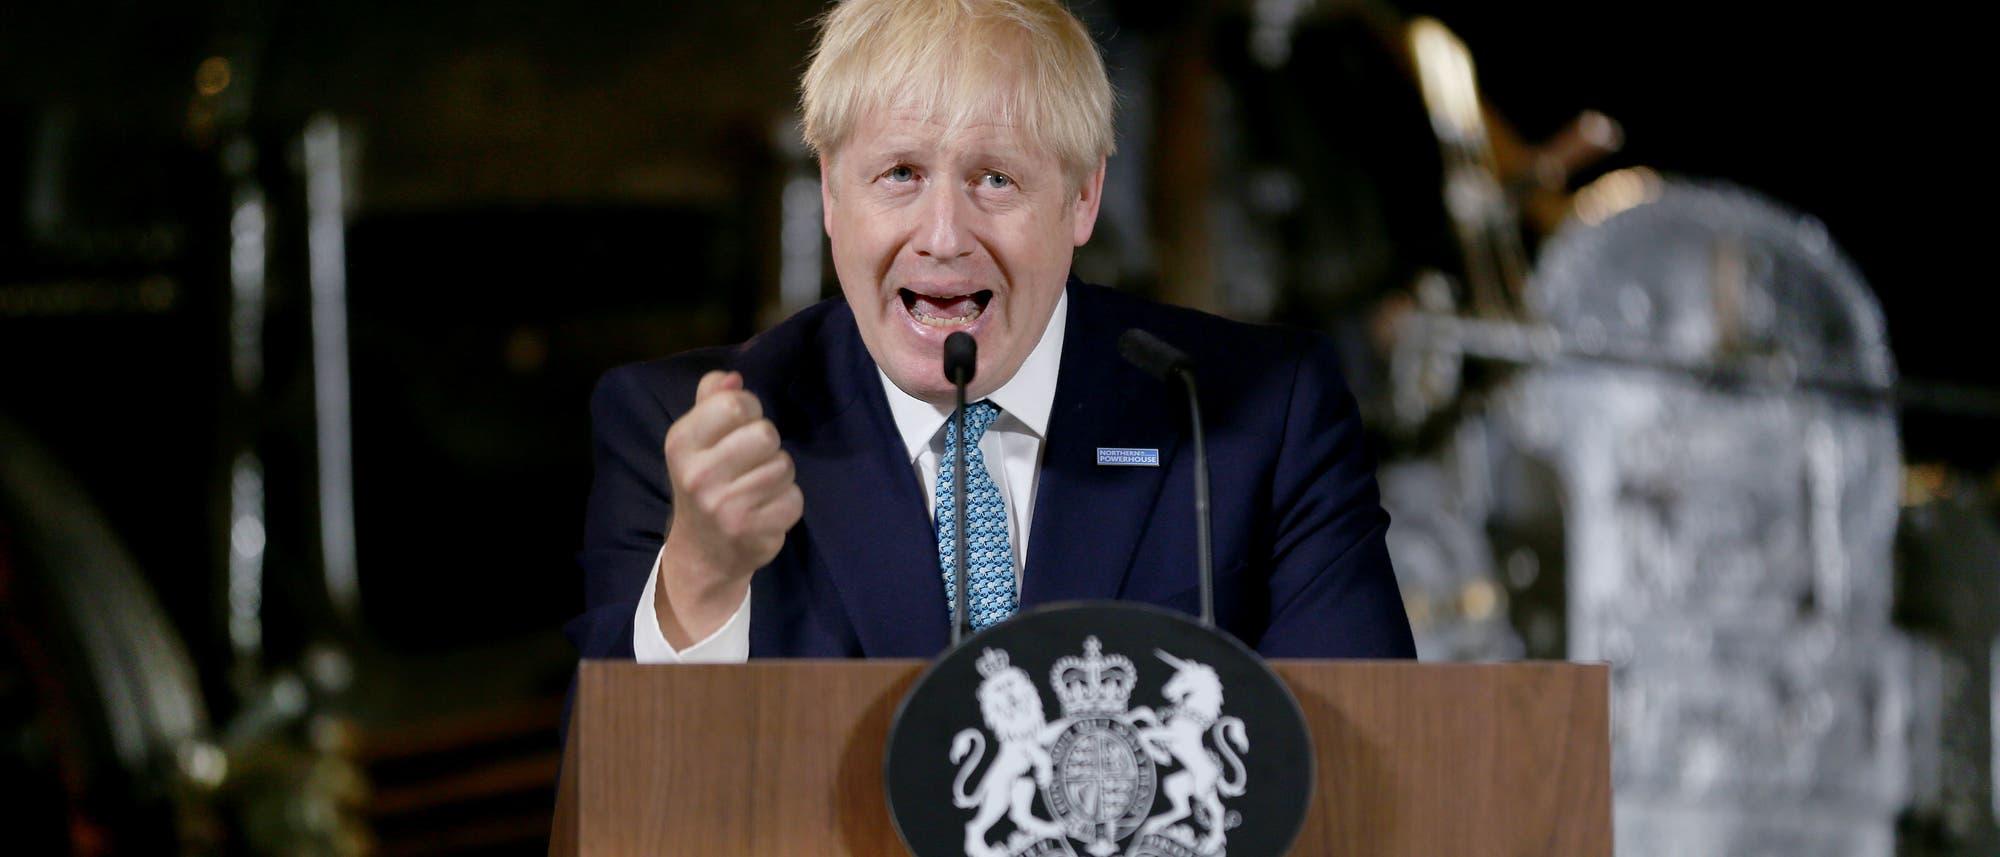 Der britische Premierminister Boris Johnson bei einer Rede im Science and Industry Museum in Manchester im Juli 2017.